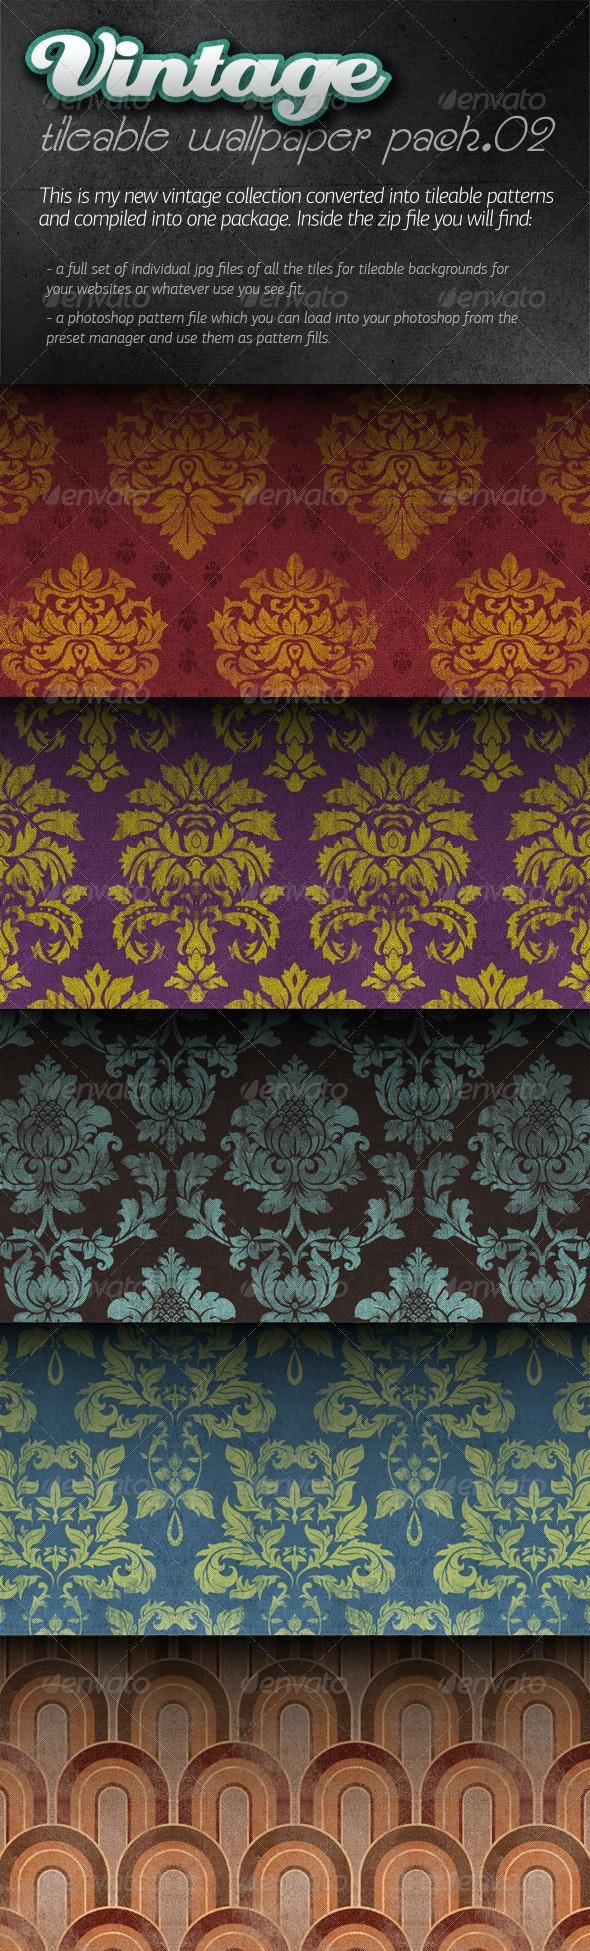 Vintage Tileable Wallpaper Pack 02 - Patterns Backgrounds